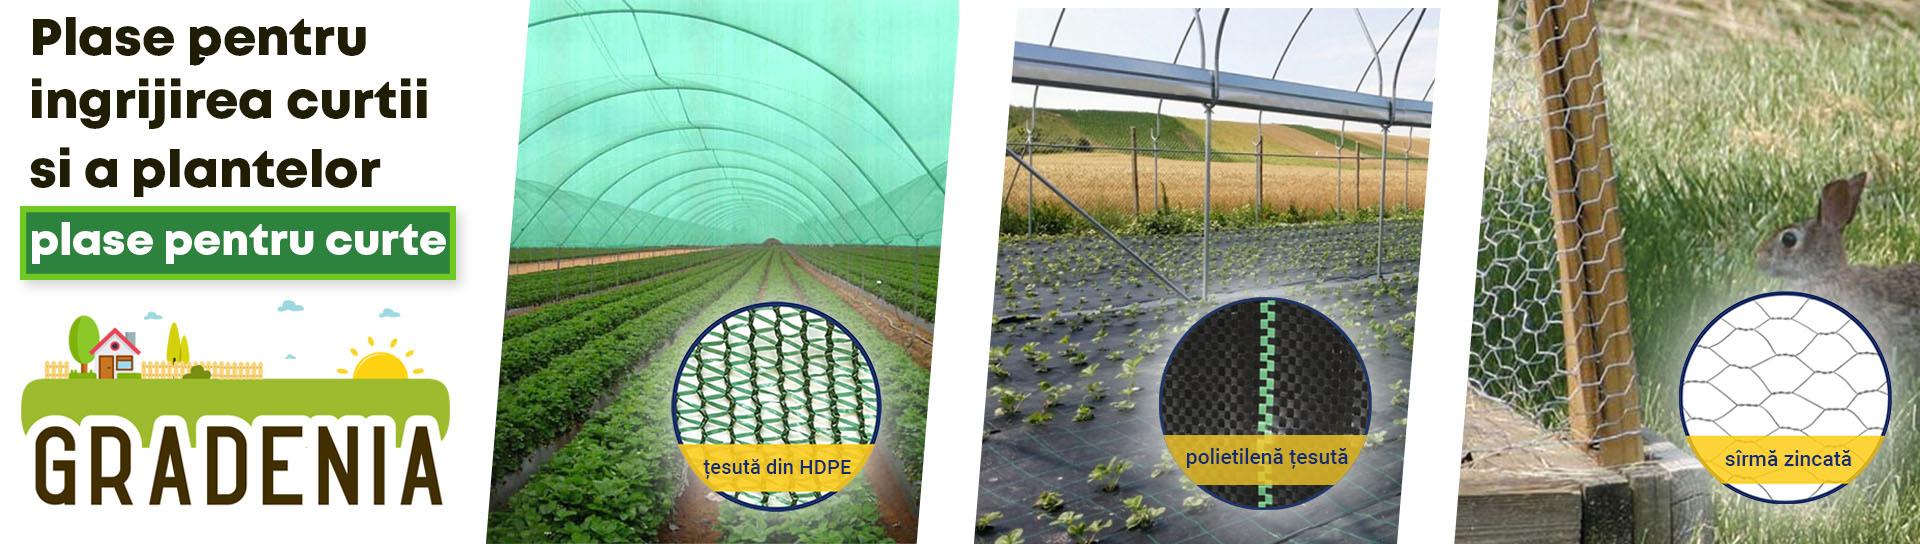 Plase pentru animale si ingrijirea plantelor